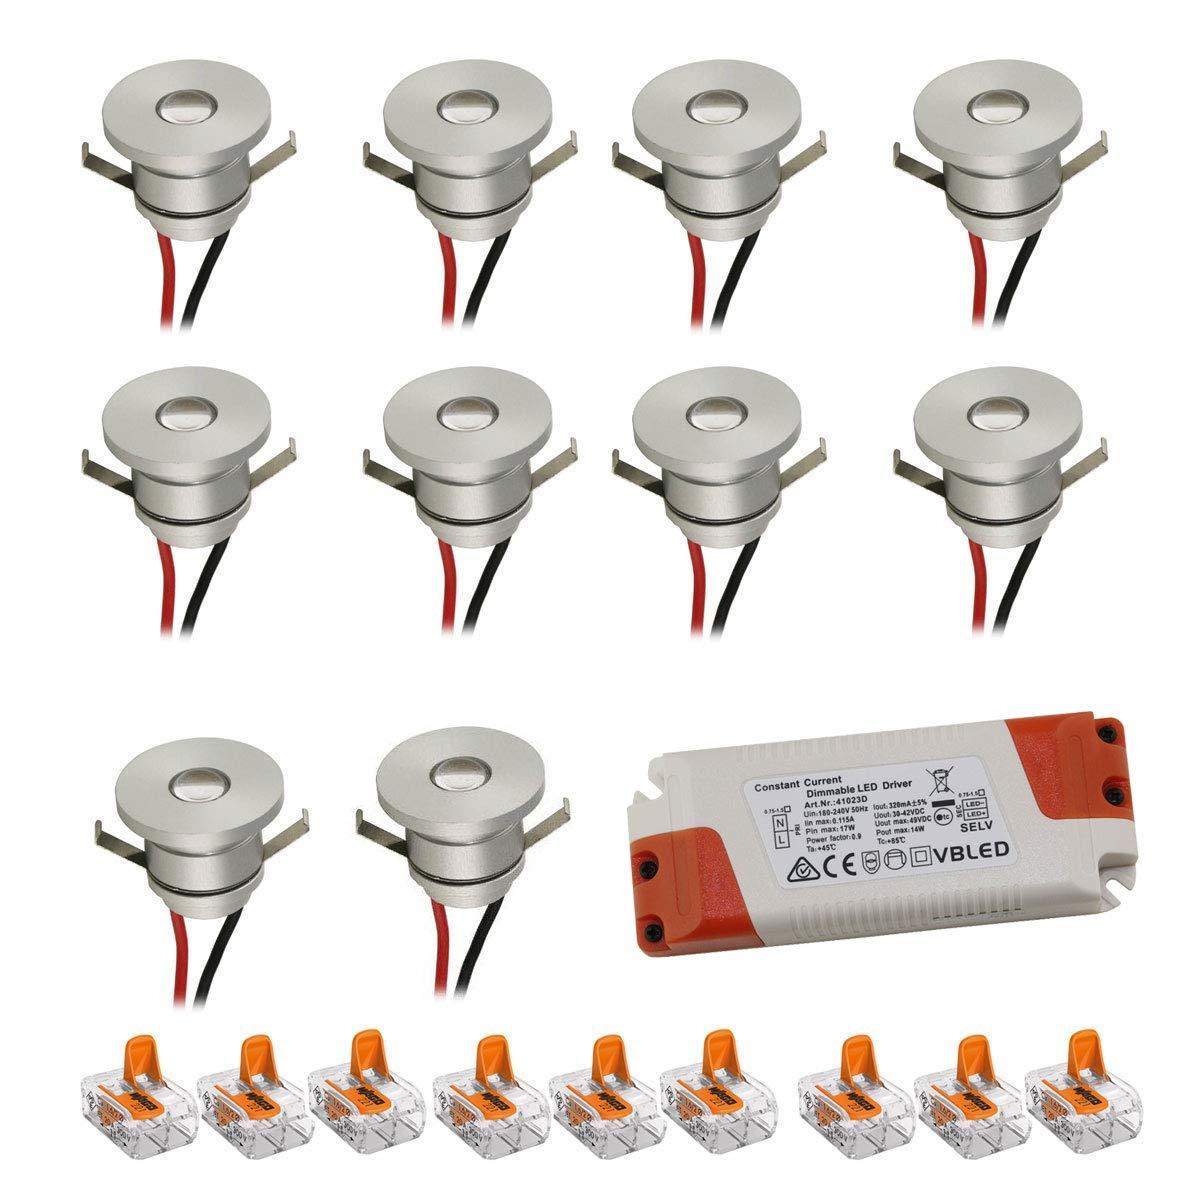 VBLED® LED Aluminium Mini Einbaustrahler IP44 wassergeschützt - 1W 350mA 80lm warmweiß (3000 K) (10er-Set mit dimmbaren Netzteil (ohne Funk))